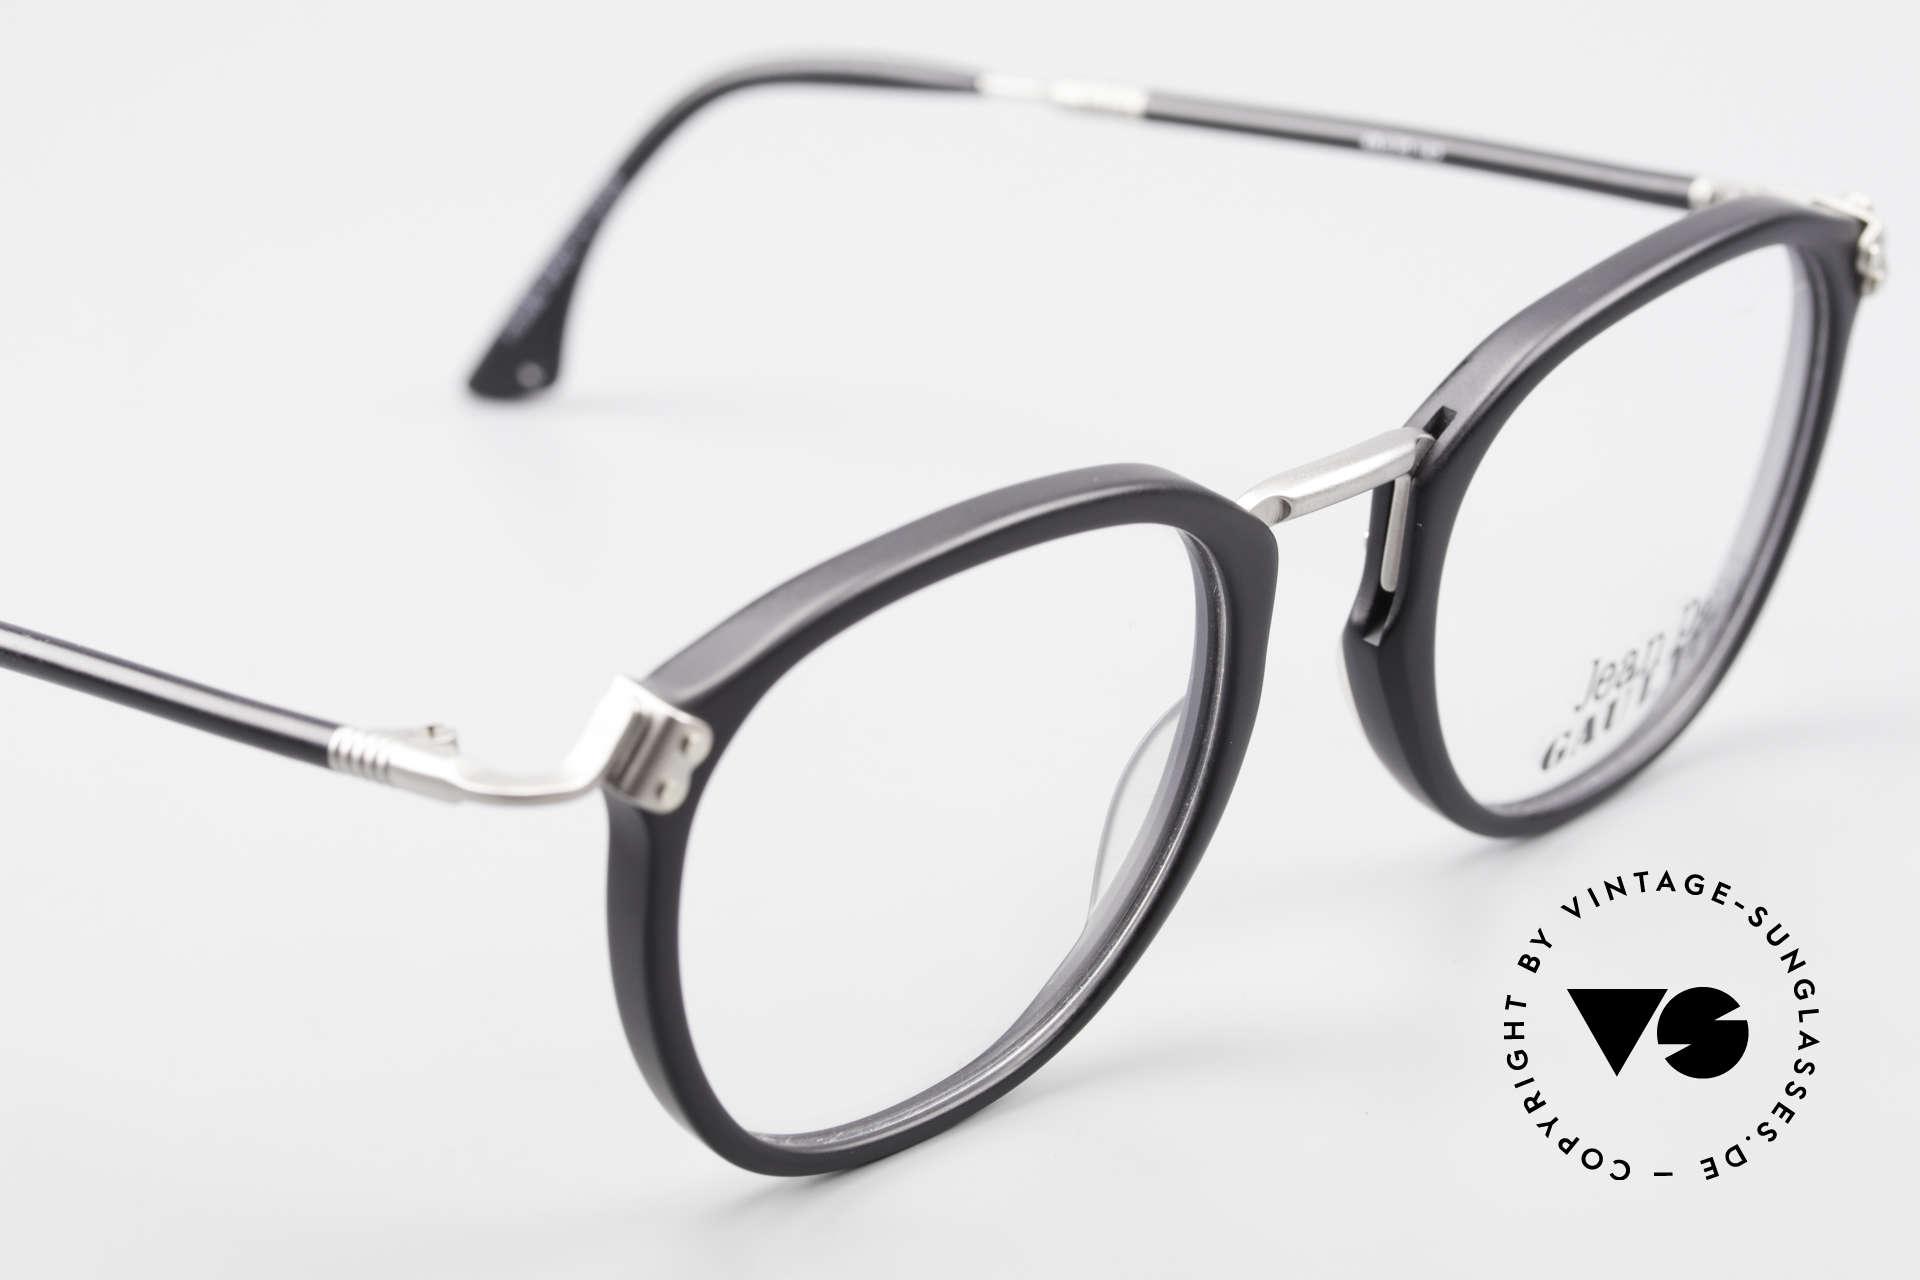 Jean Paul Gaultier 55-1272 Alte Vintage Brille No Retro, die JPG Fassung kann natürlich beliebig verglast werden, Passend für Herren und Damen